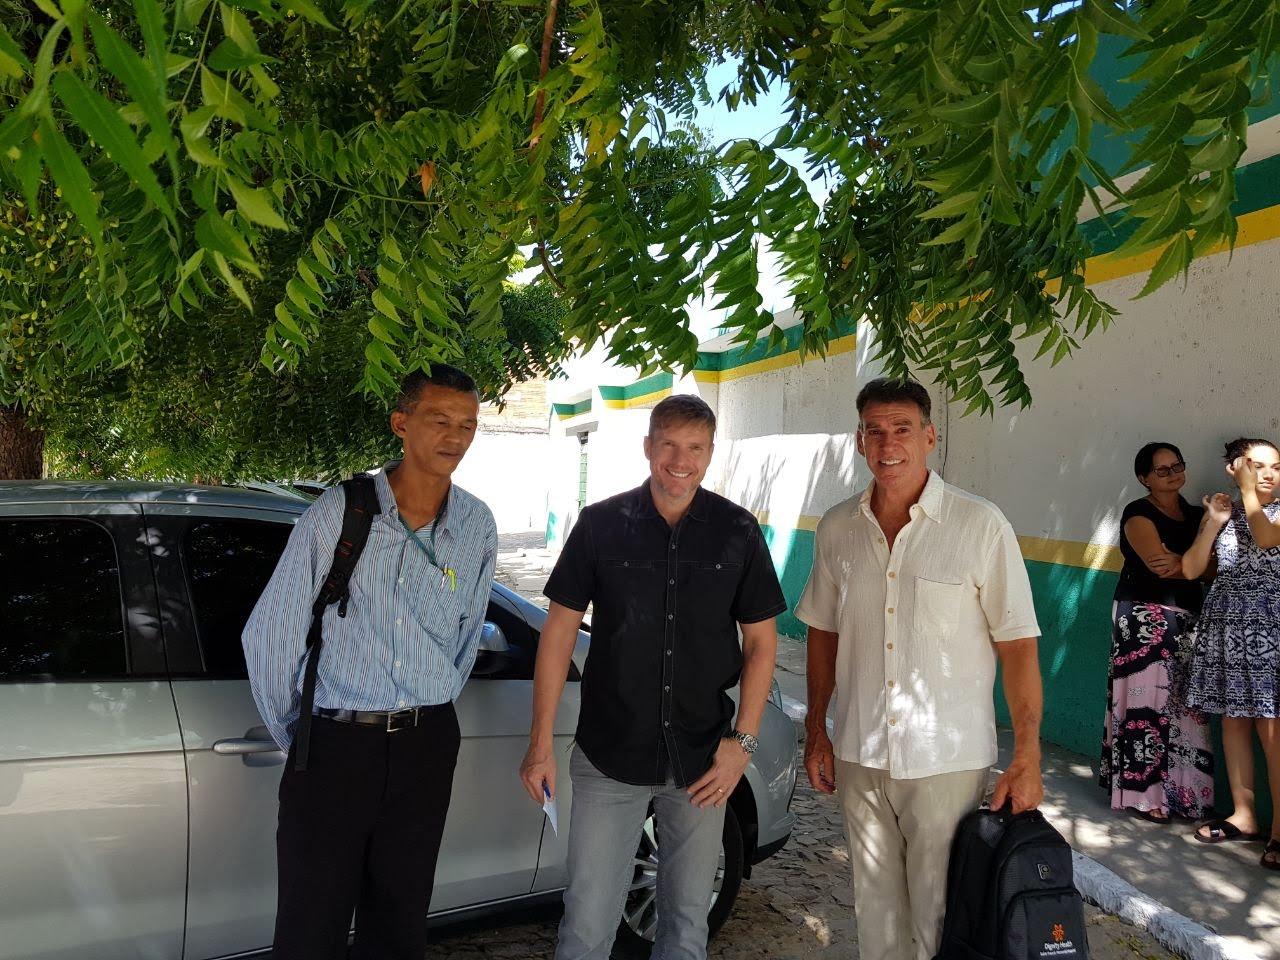 O Coordenador em nível de Brasil Sr. PAULO M. SEIDL, hoje, estiveram em Aquiraz, juntamente com o responsável Médico da Mission Serv o Dr. GERRY DUNPHY Cirurgião Americano a fim de firmar uma parceria na Área da Saúde.